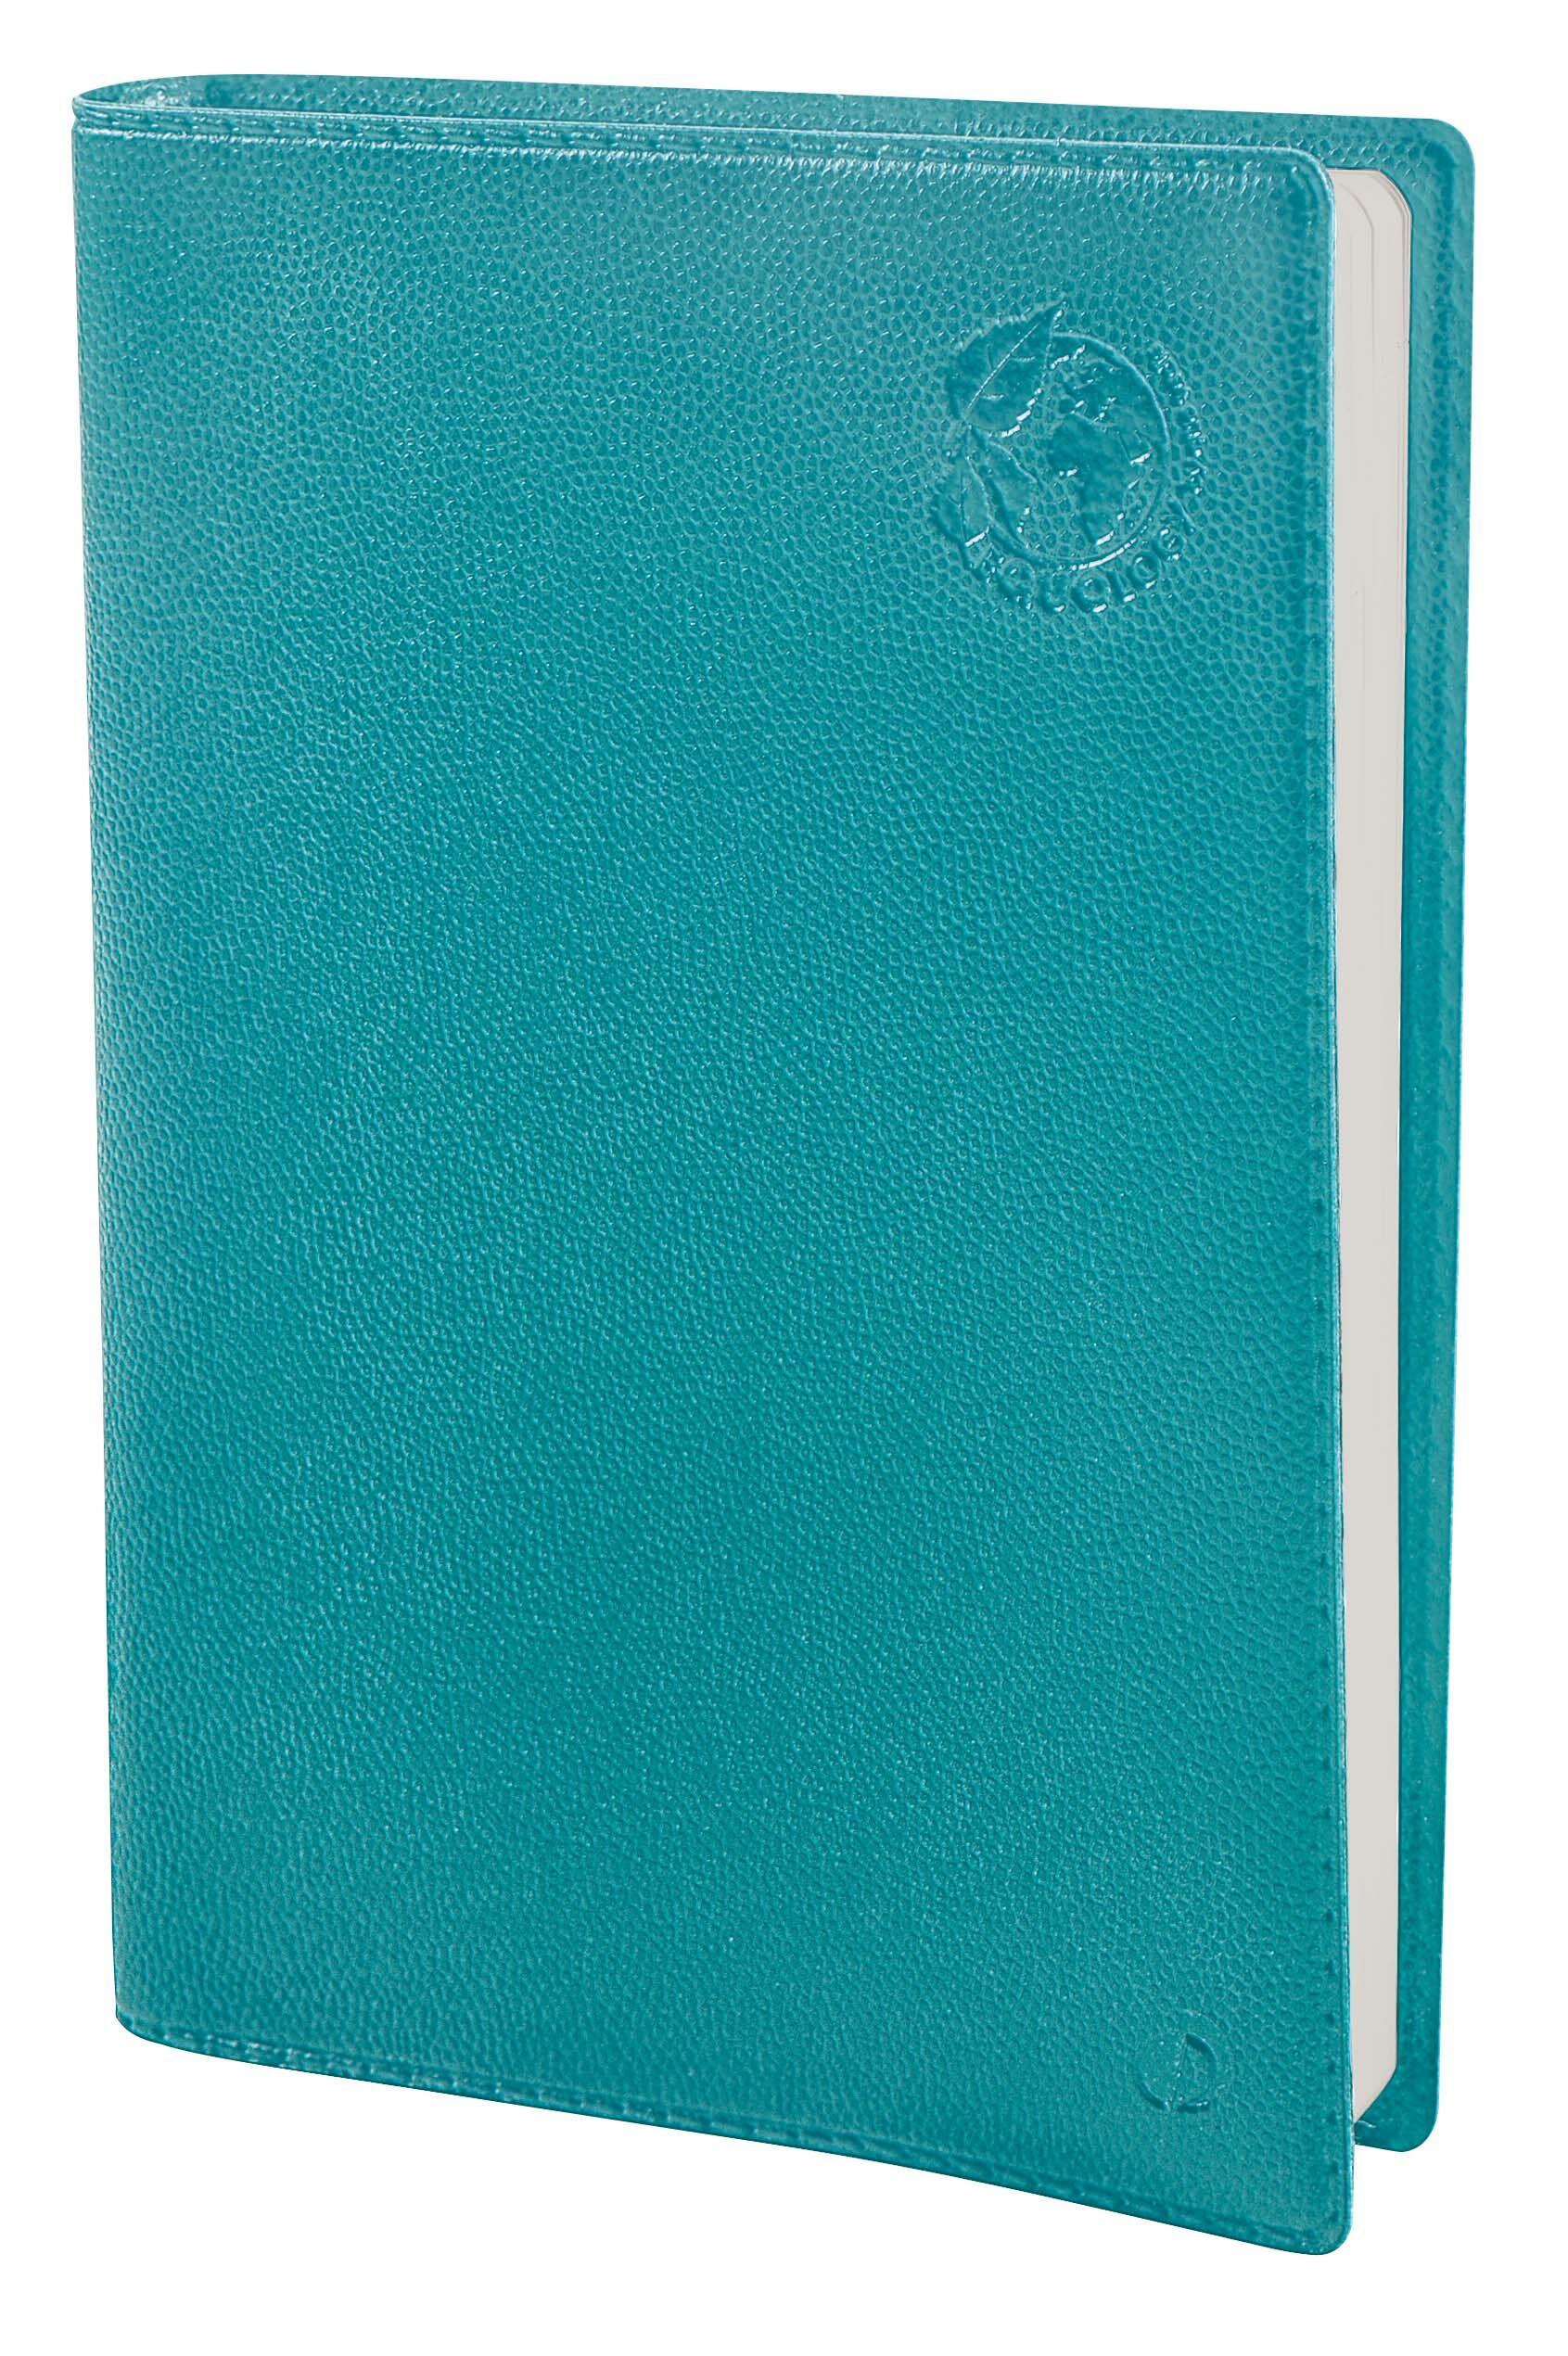 Agenda Equology - 1 jour par page - 12 x 17 cm - bleu - Quo Vadis